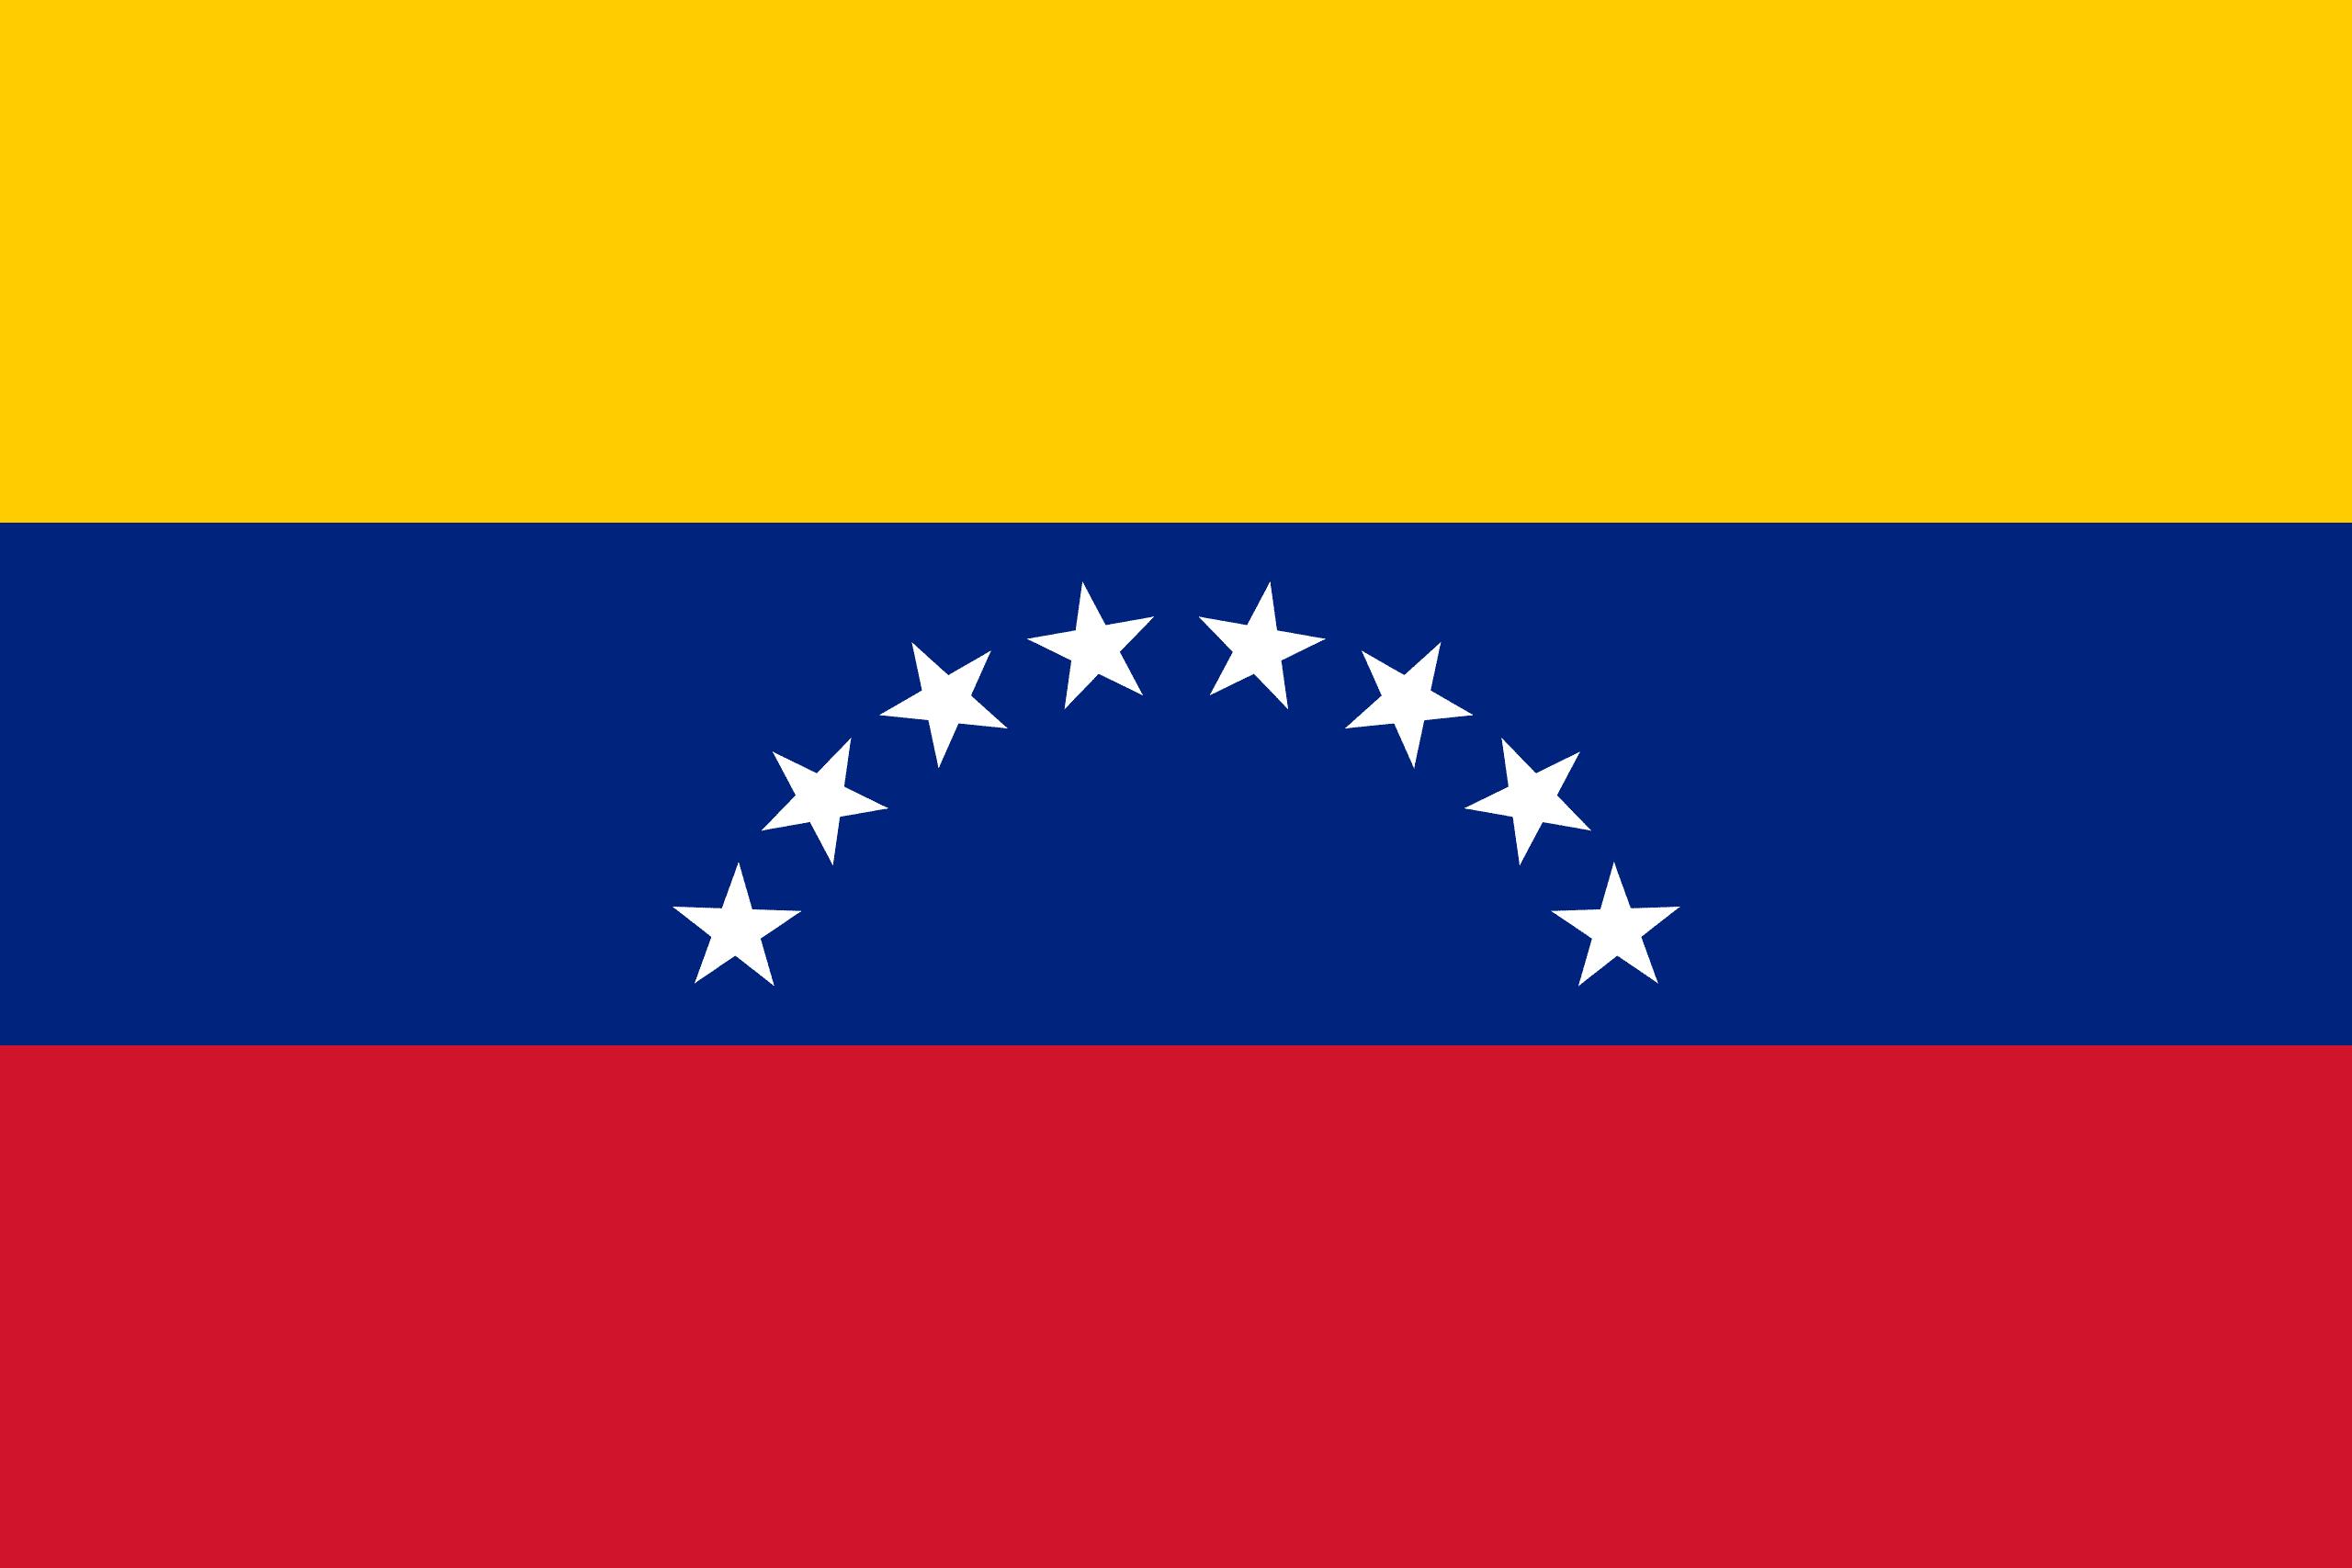 Résultat d'images pour drapeau VENEZUELA